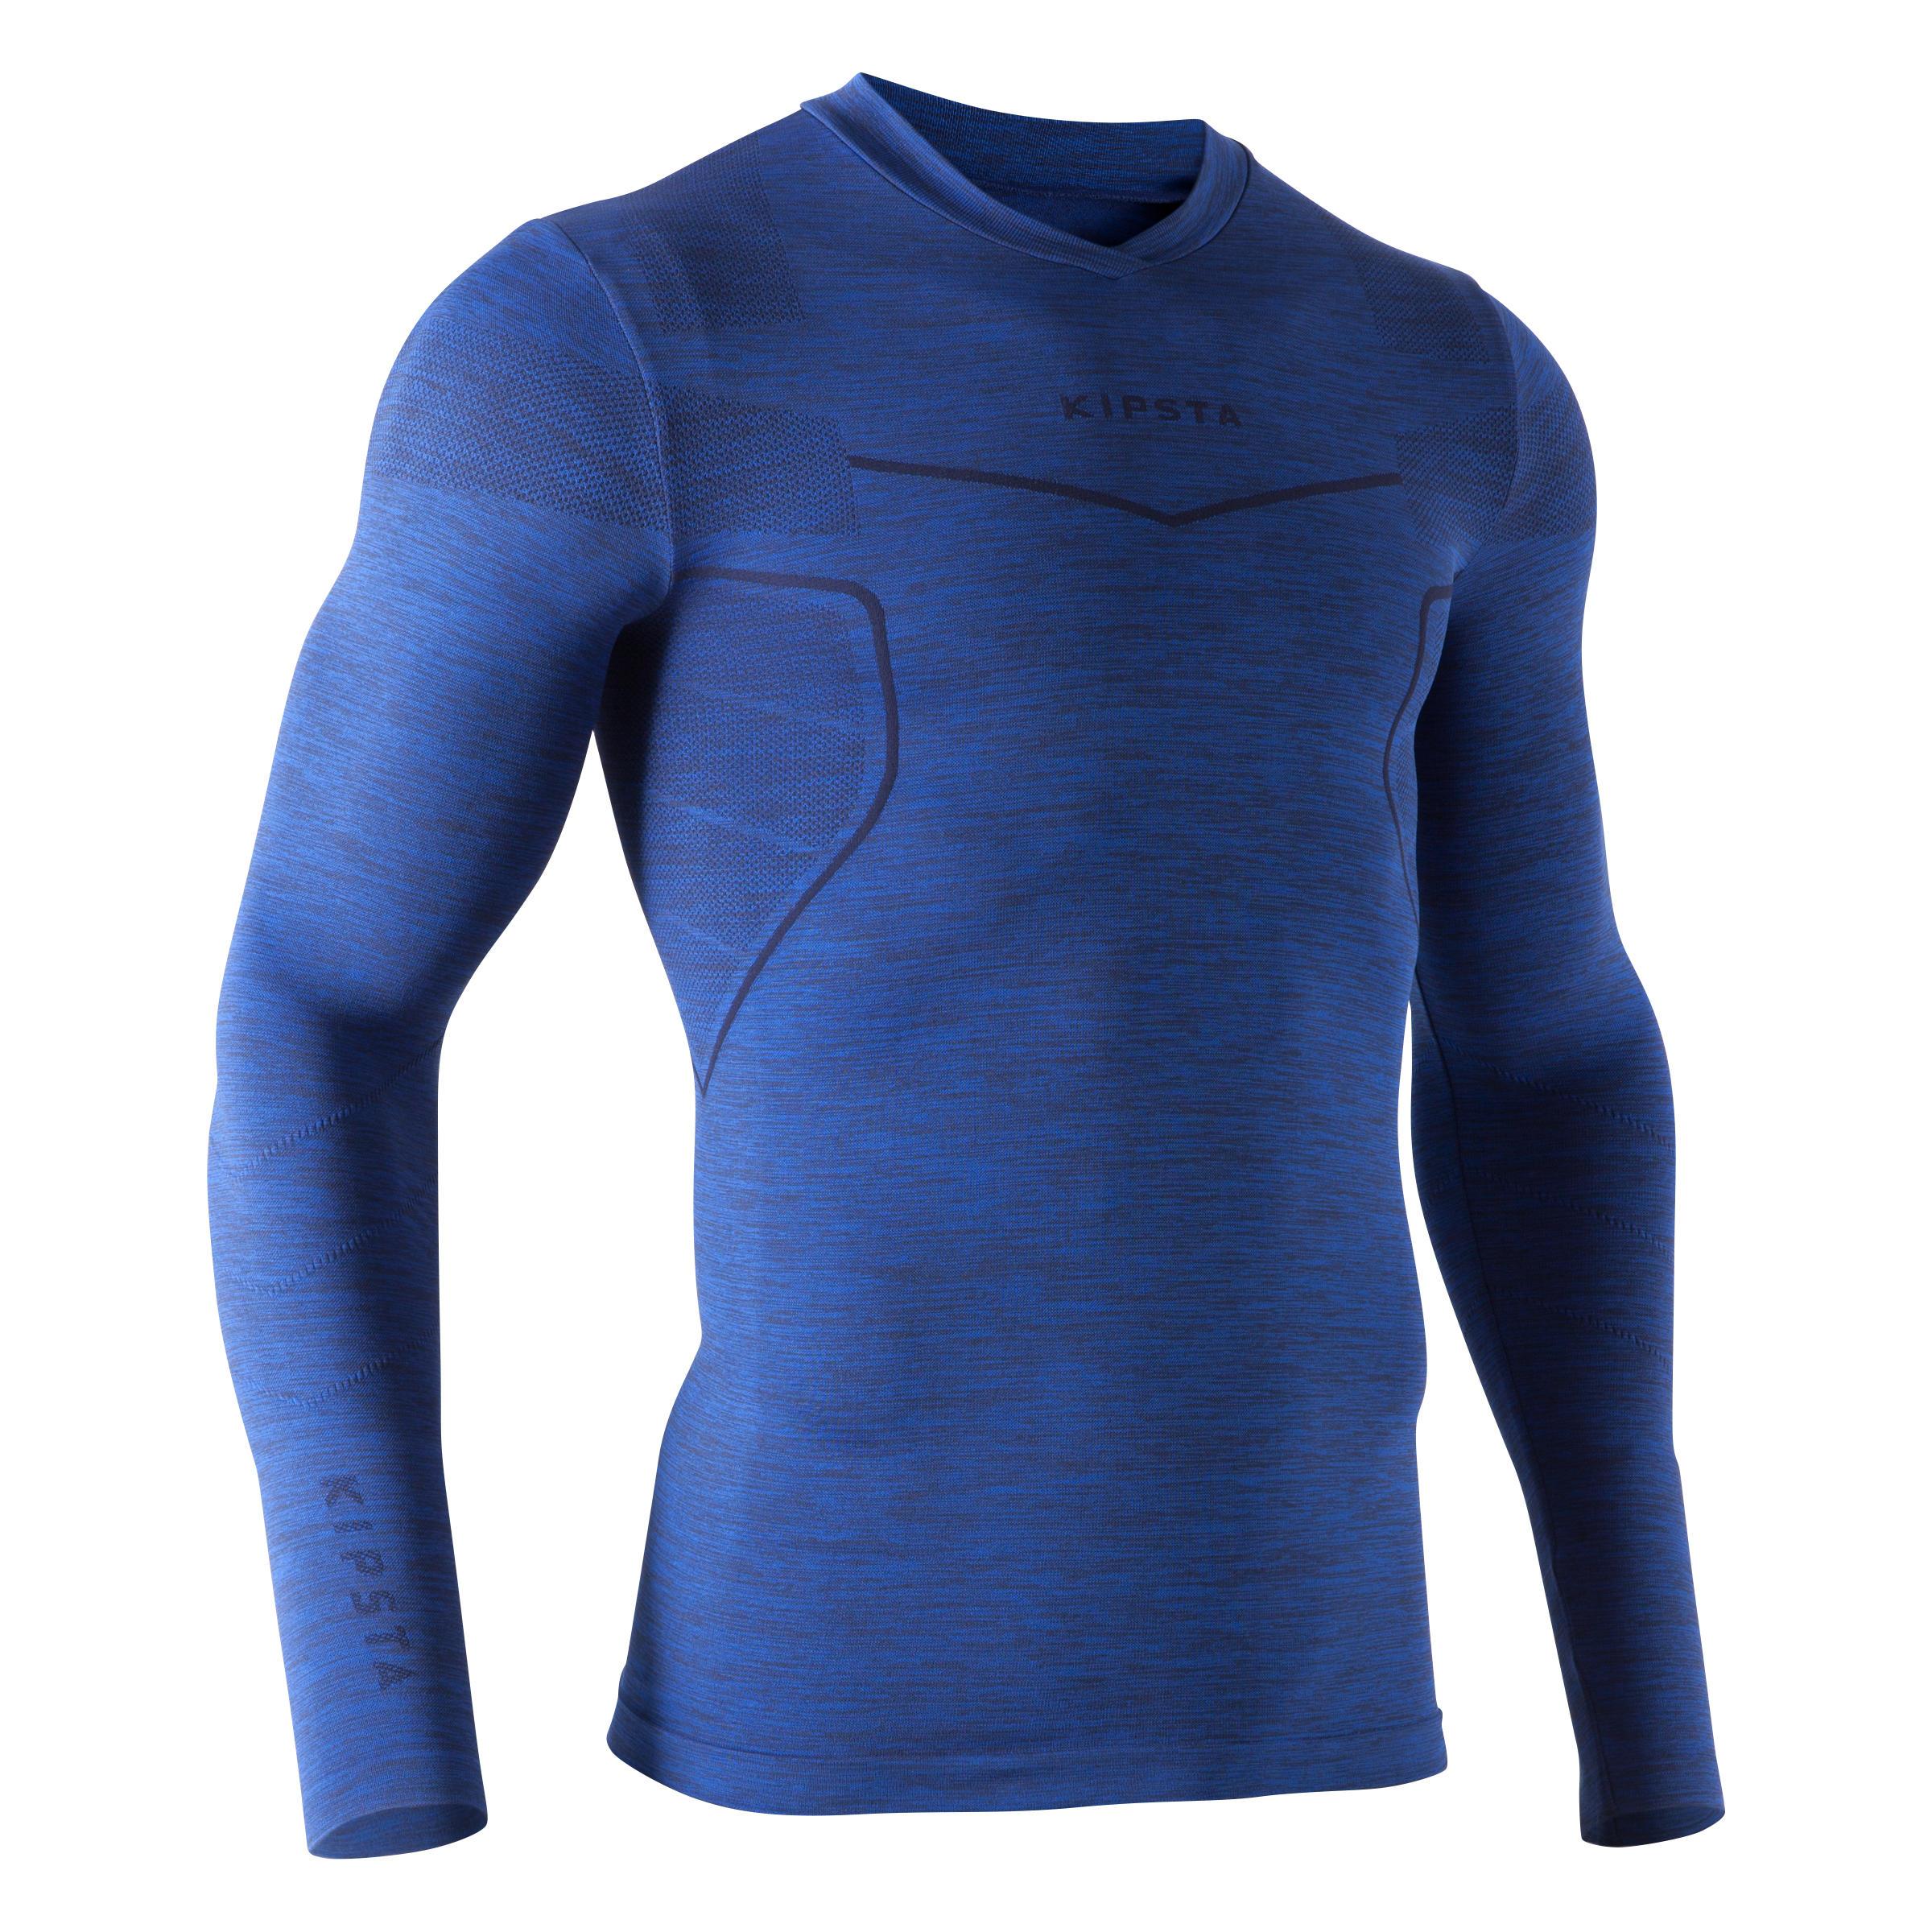 Kipsta Thermoshirt Keepdry 500 met lange mouwen volwassenen